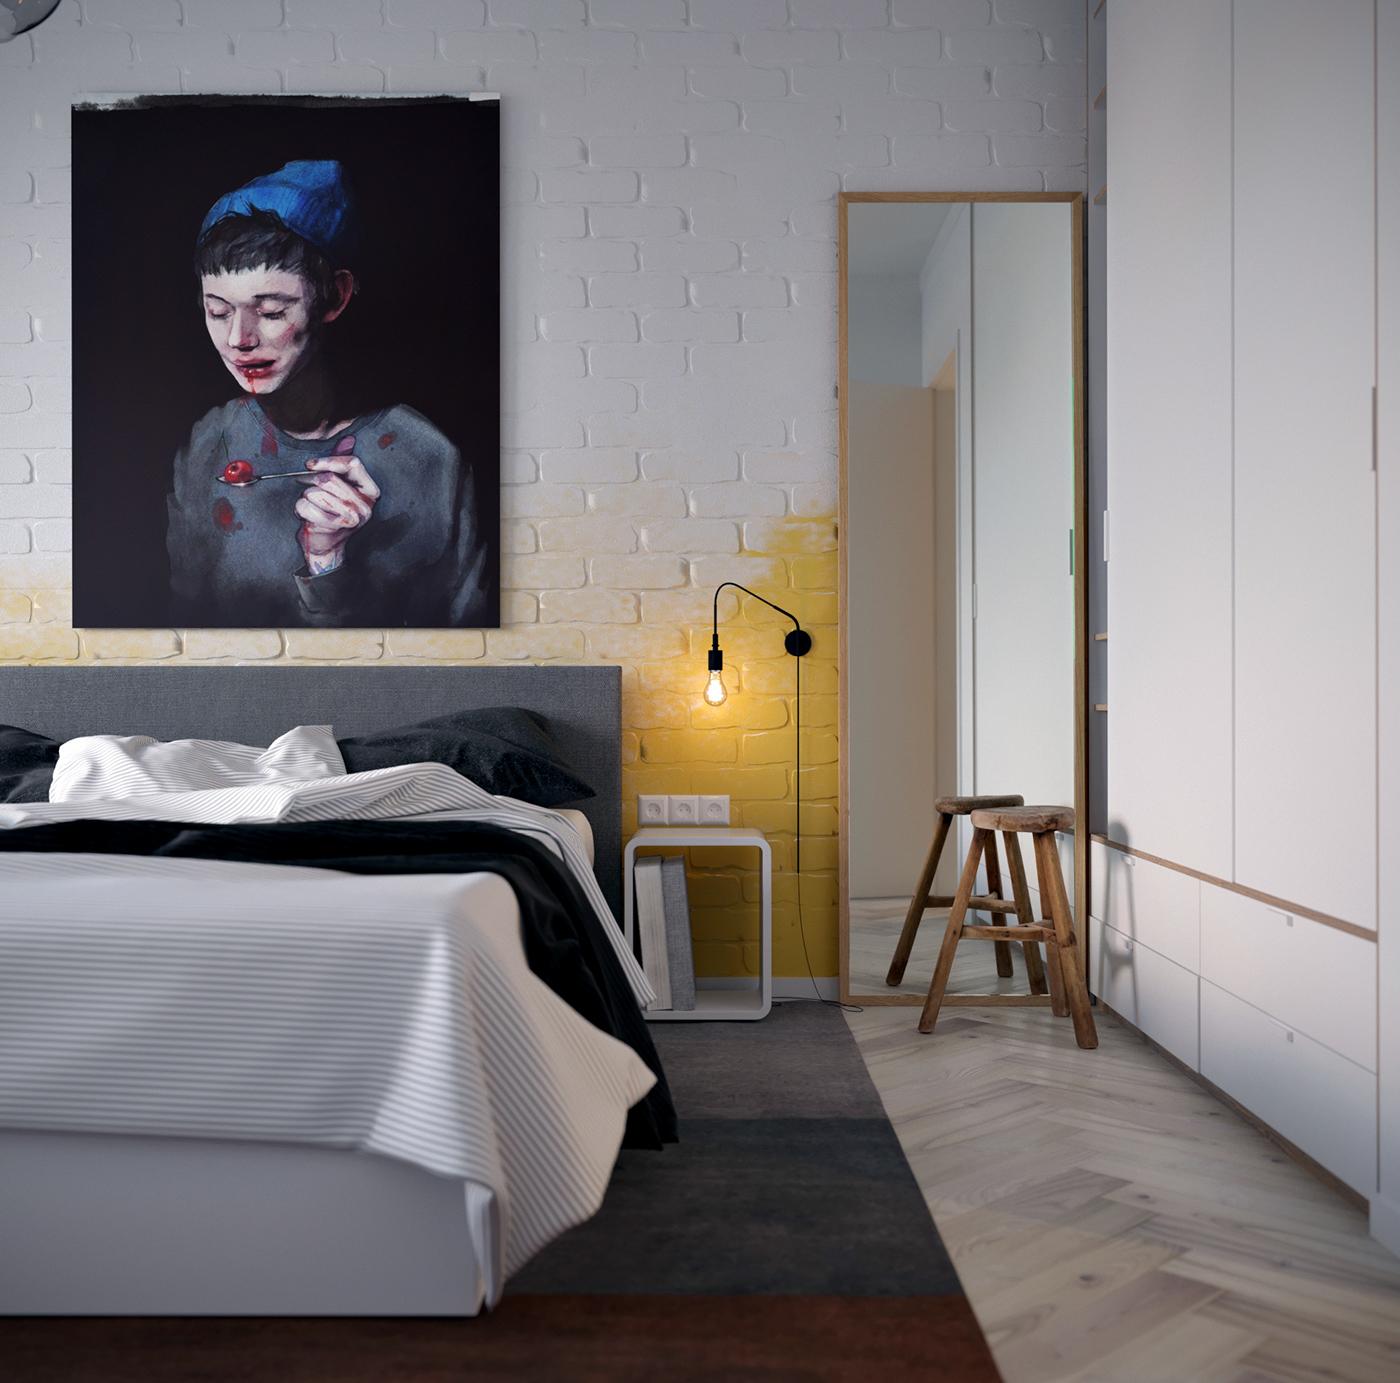 grote-schilderij-boven-bed